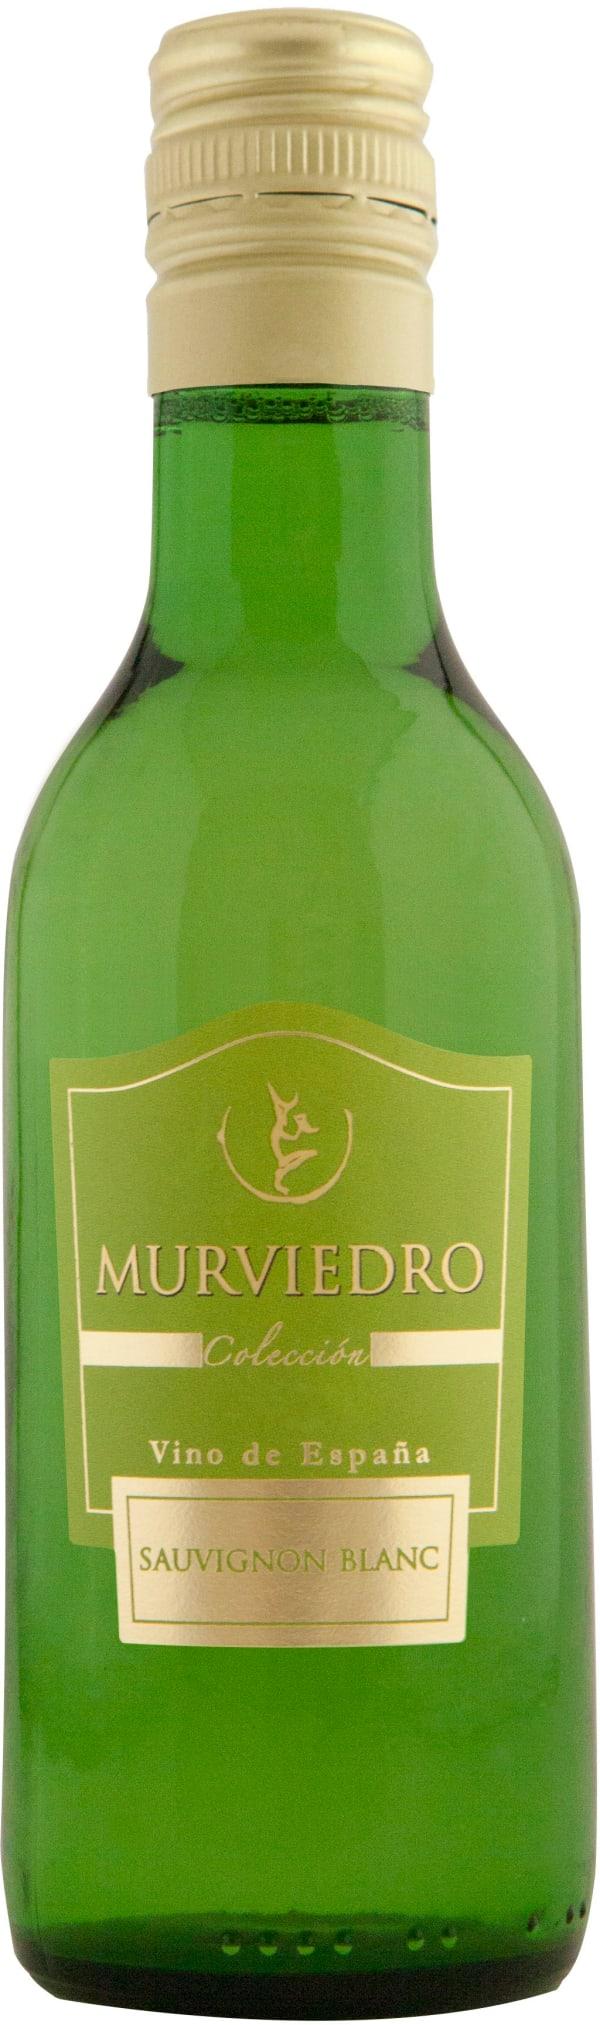 Murviedro Coleccion Sauvignon Blanc 2019